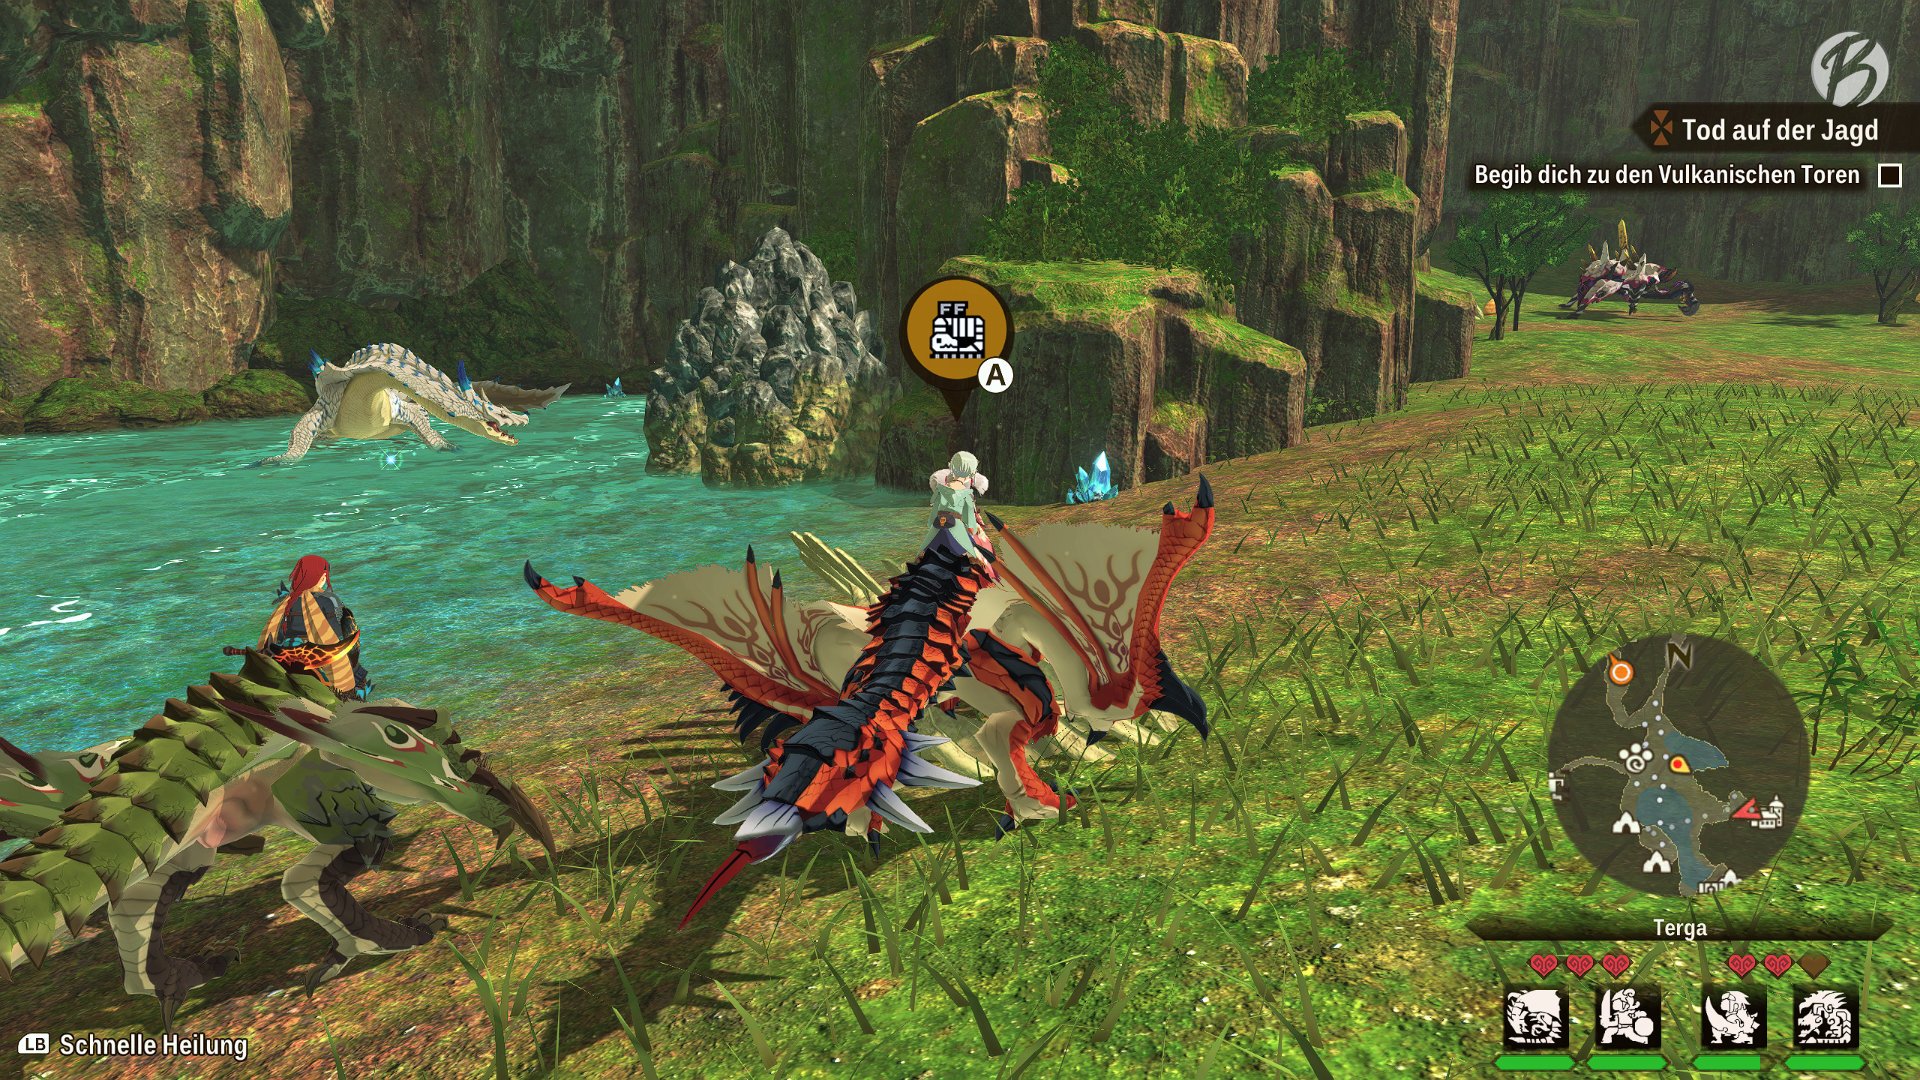 Monster Hunter Stories 2: WoR - Abhängig von der Tageszeit (Tag/Nacht) gibt es unterschiedliche Monsterbauten, Rohstoffe, Insekten und herumstreunende Monster zu entdecken.